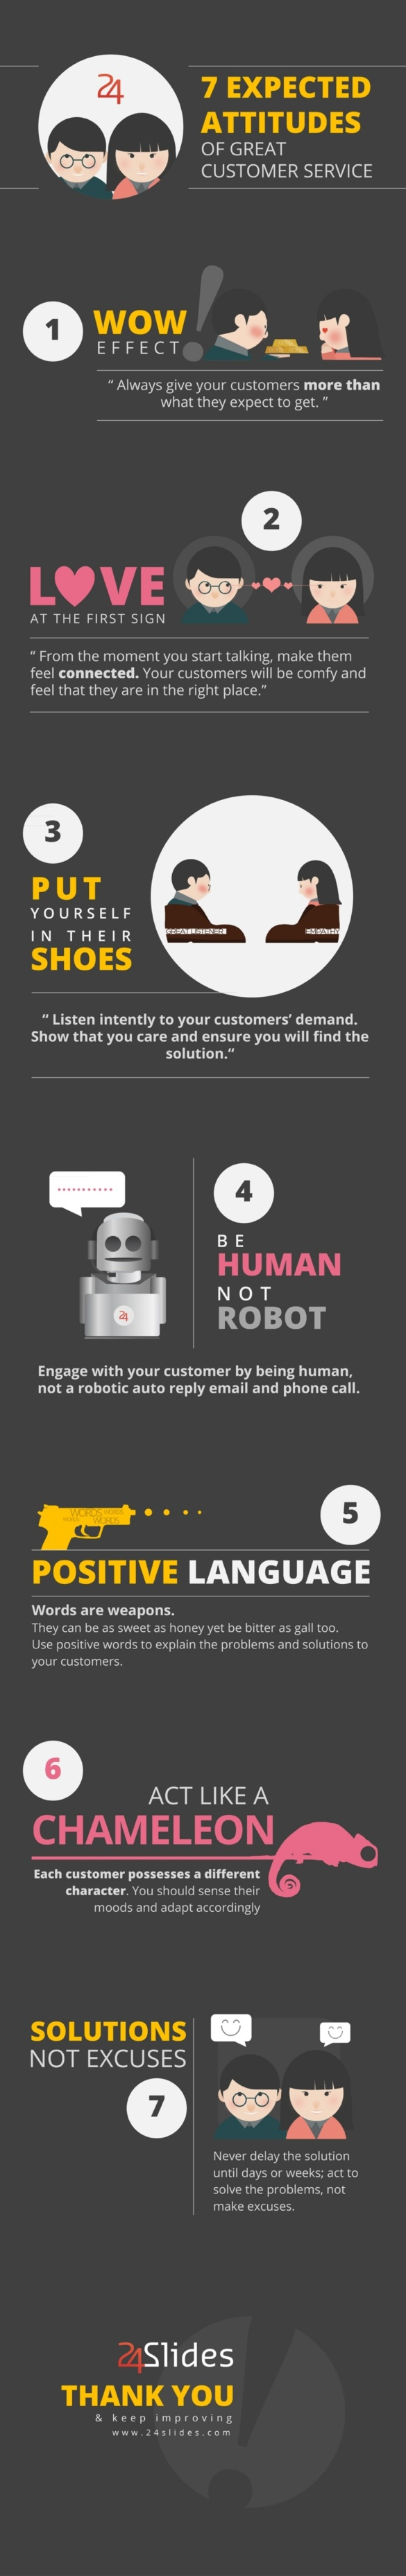 7-actitudes-servicio-atencion-cliente-infografia